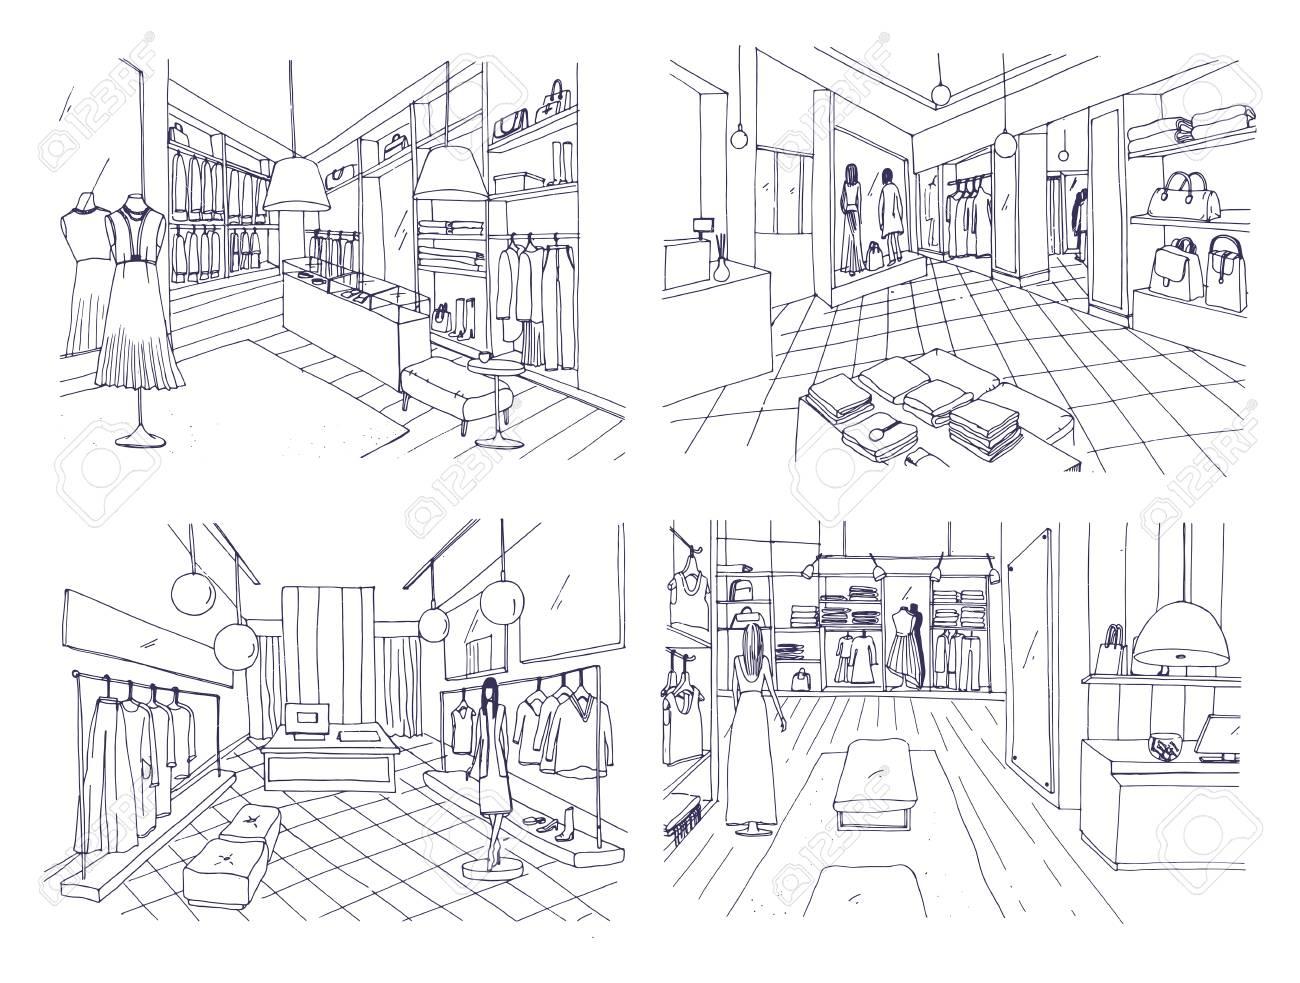 https://previews.123rf.com/images/goodstudio/goodstudio1709/goodstudio170900109/85649120-dessins-d-esquisse-d-int%C3%A9rieur-de-boutique-de-v%C3%AAtements-avec-des-meubles-des-comptoirs-des-vitrine.jpg